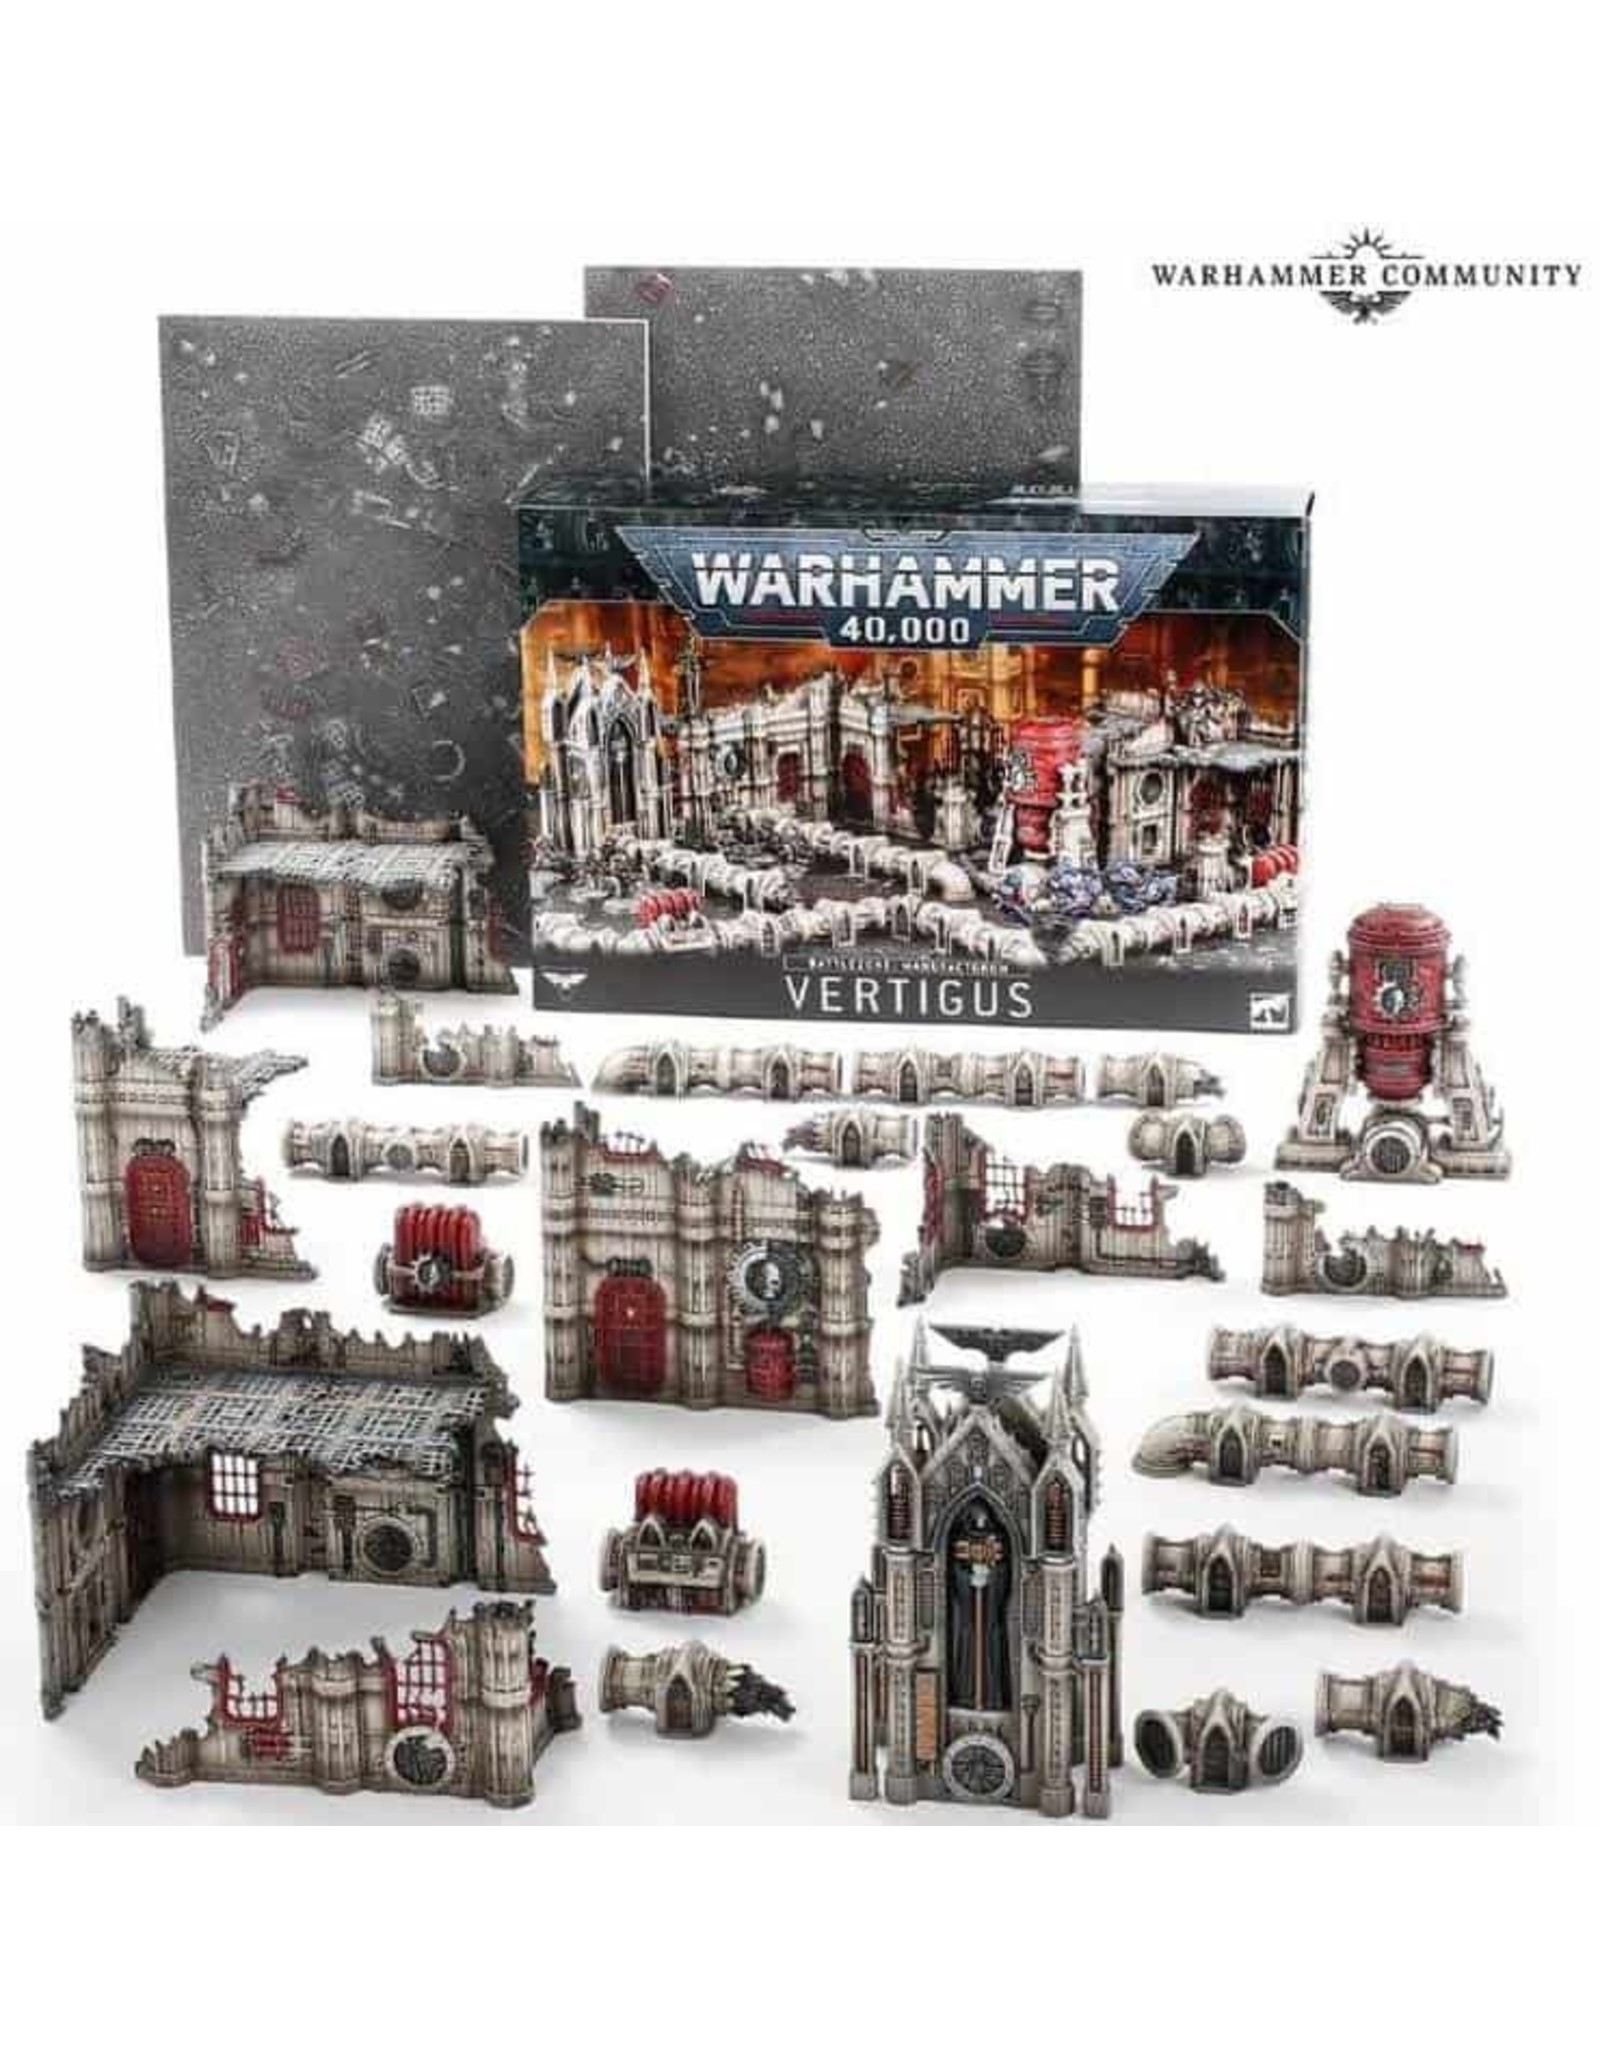 Warhammer 40K Battlezone Manufactorum Vertigus